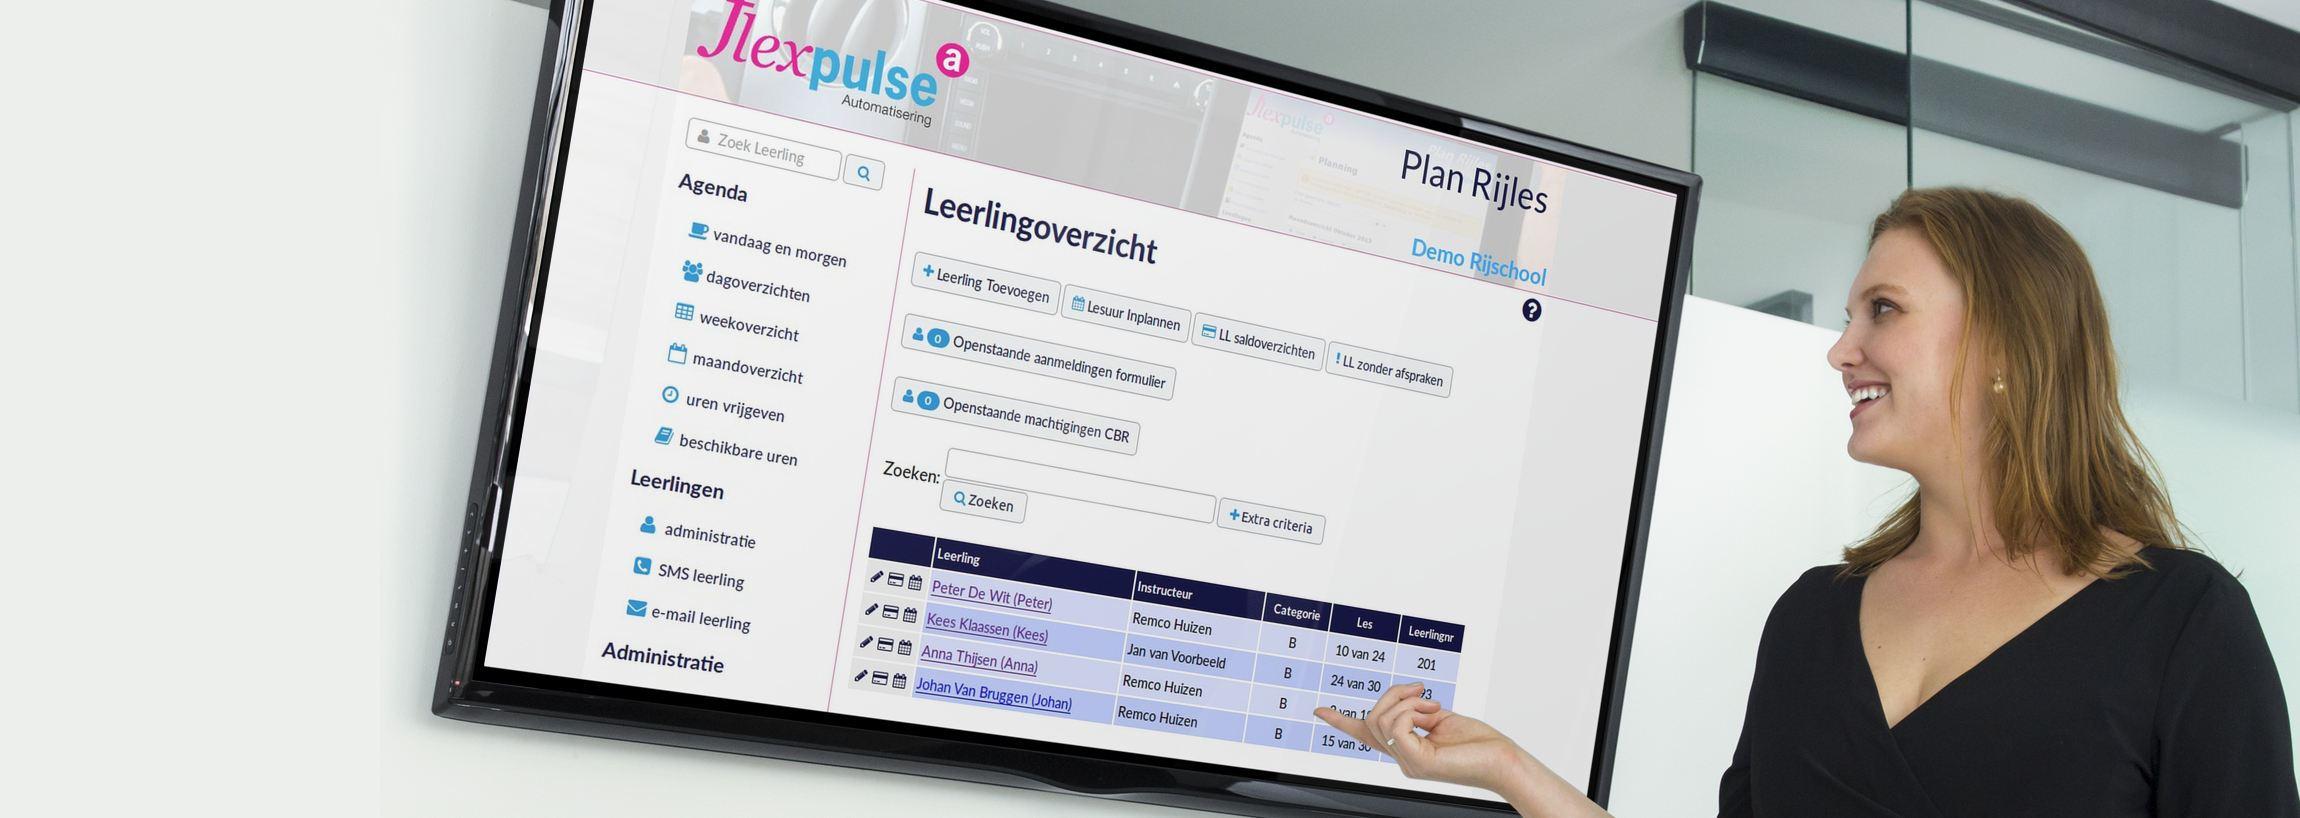 presentatie Flexpulse rijschoolsoftware